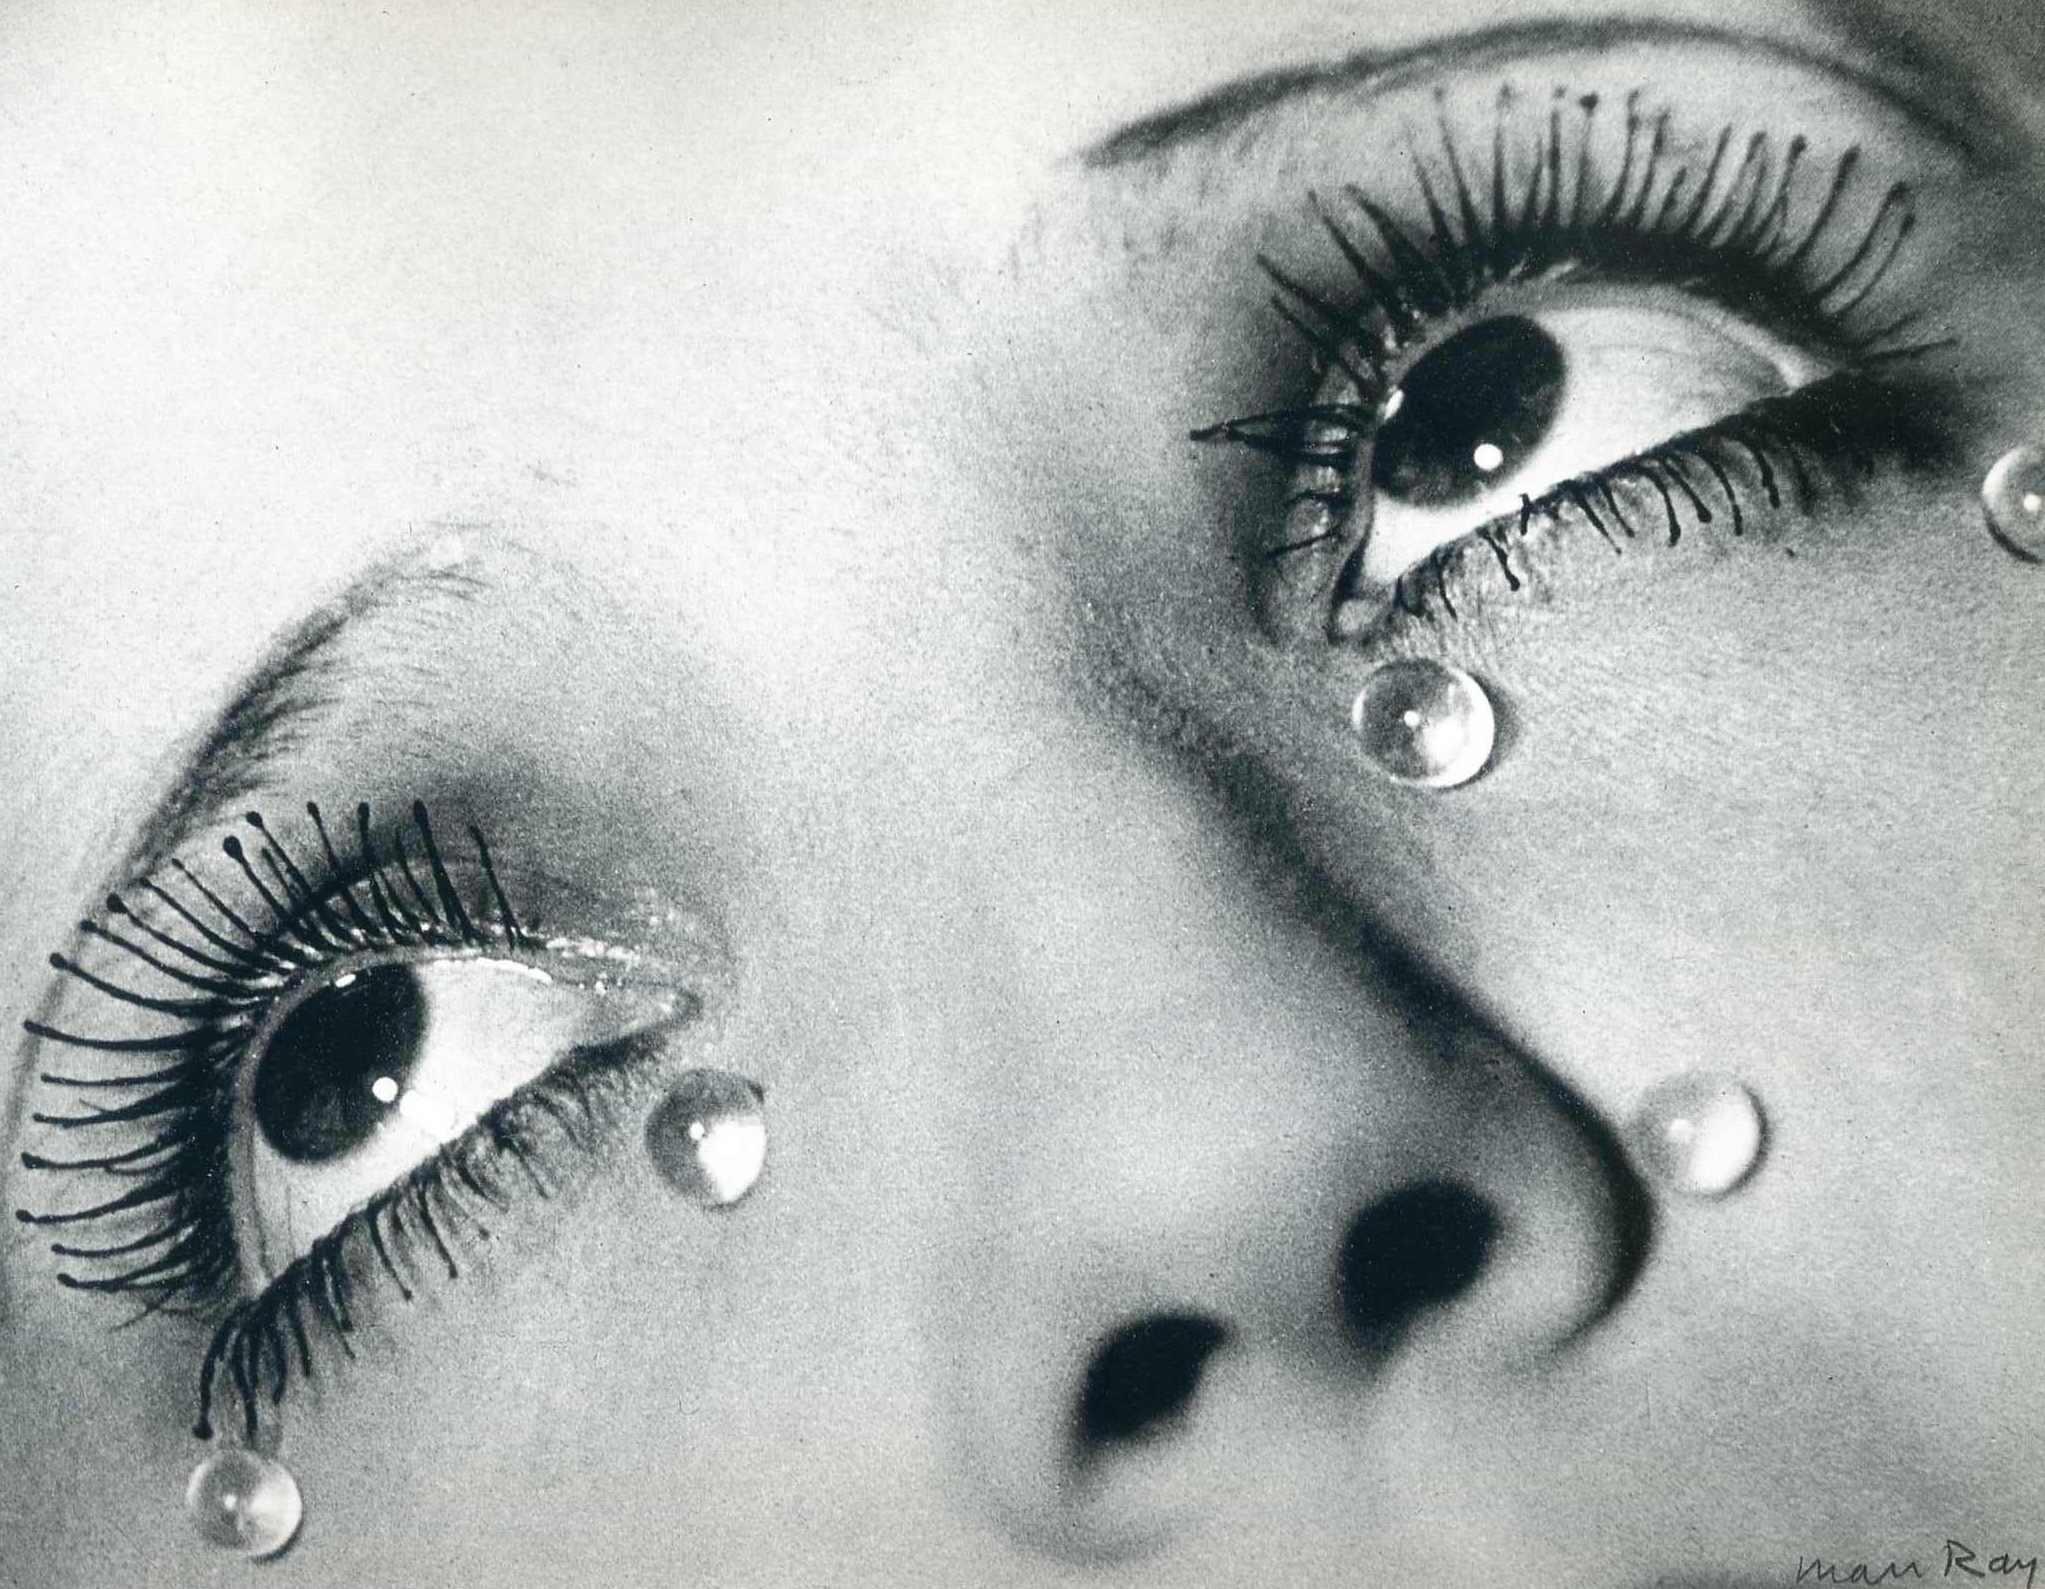 Fotografia di moda. A Parigi, l'opera di Man Ray sotto una nuova luce